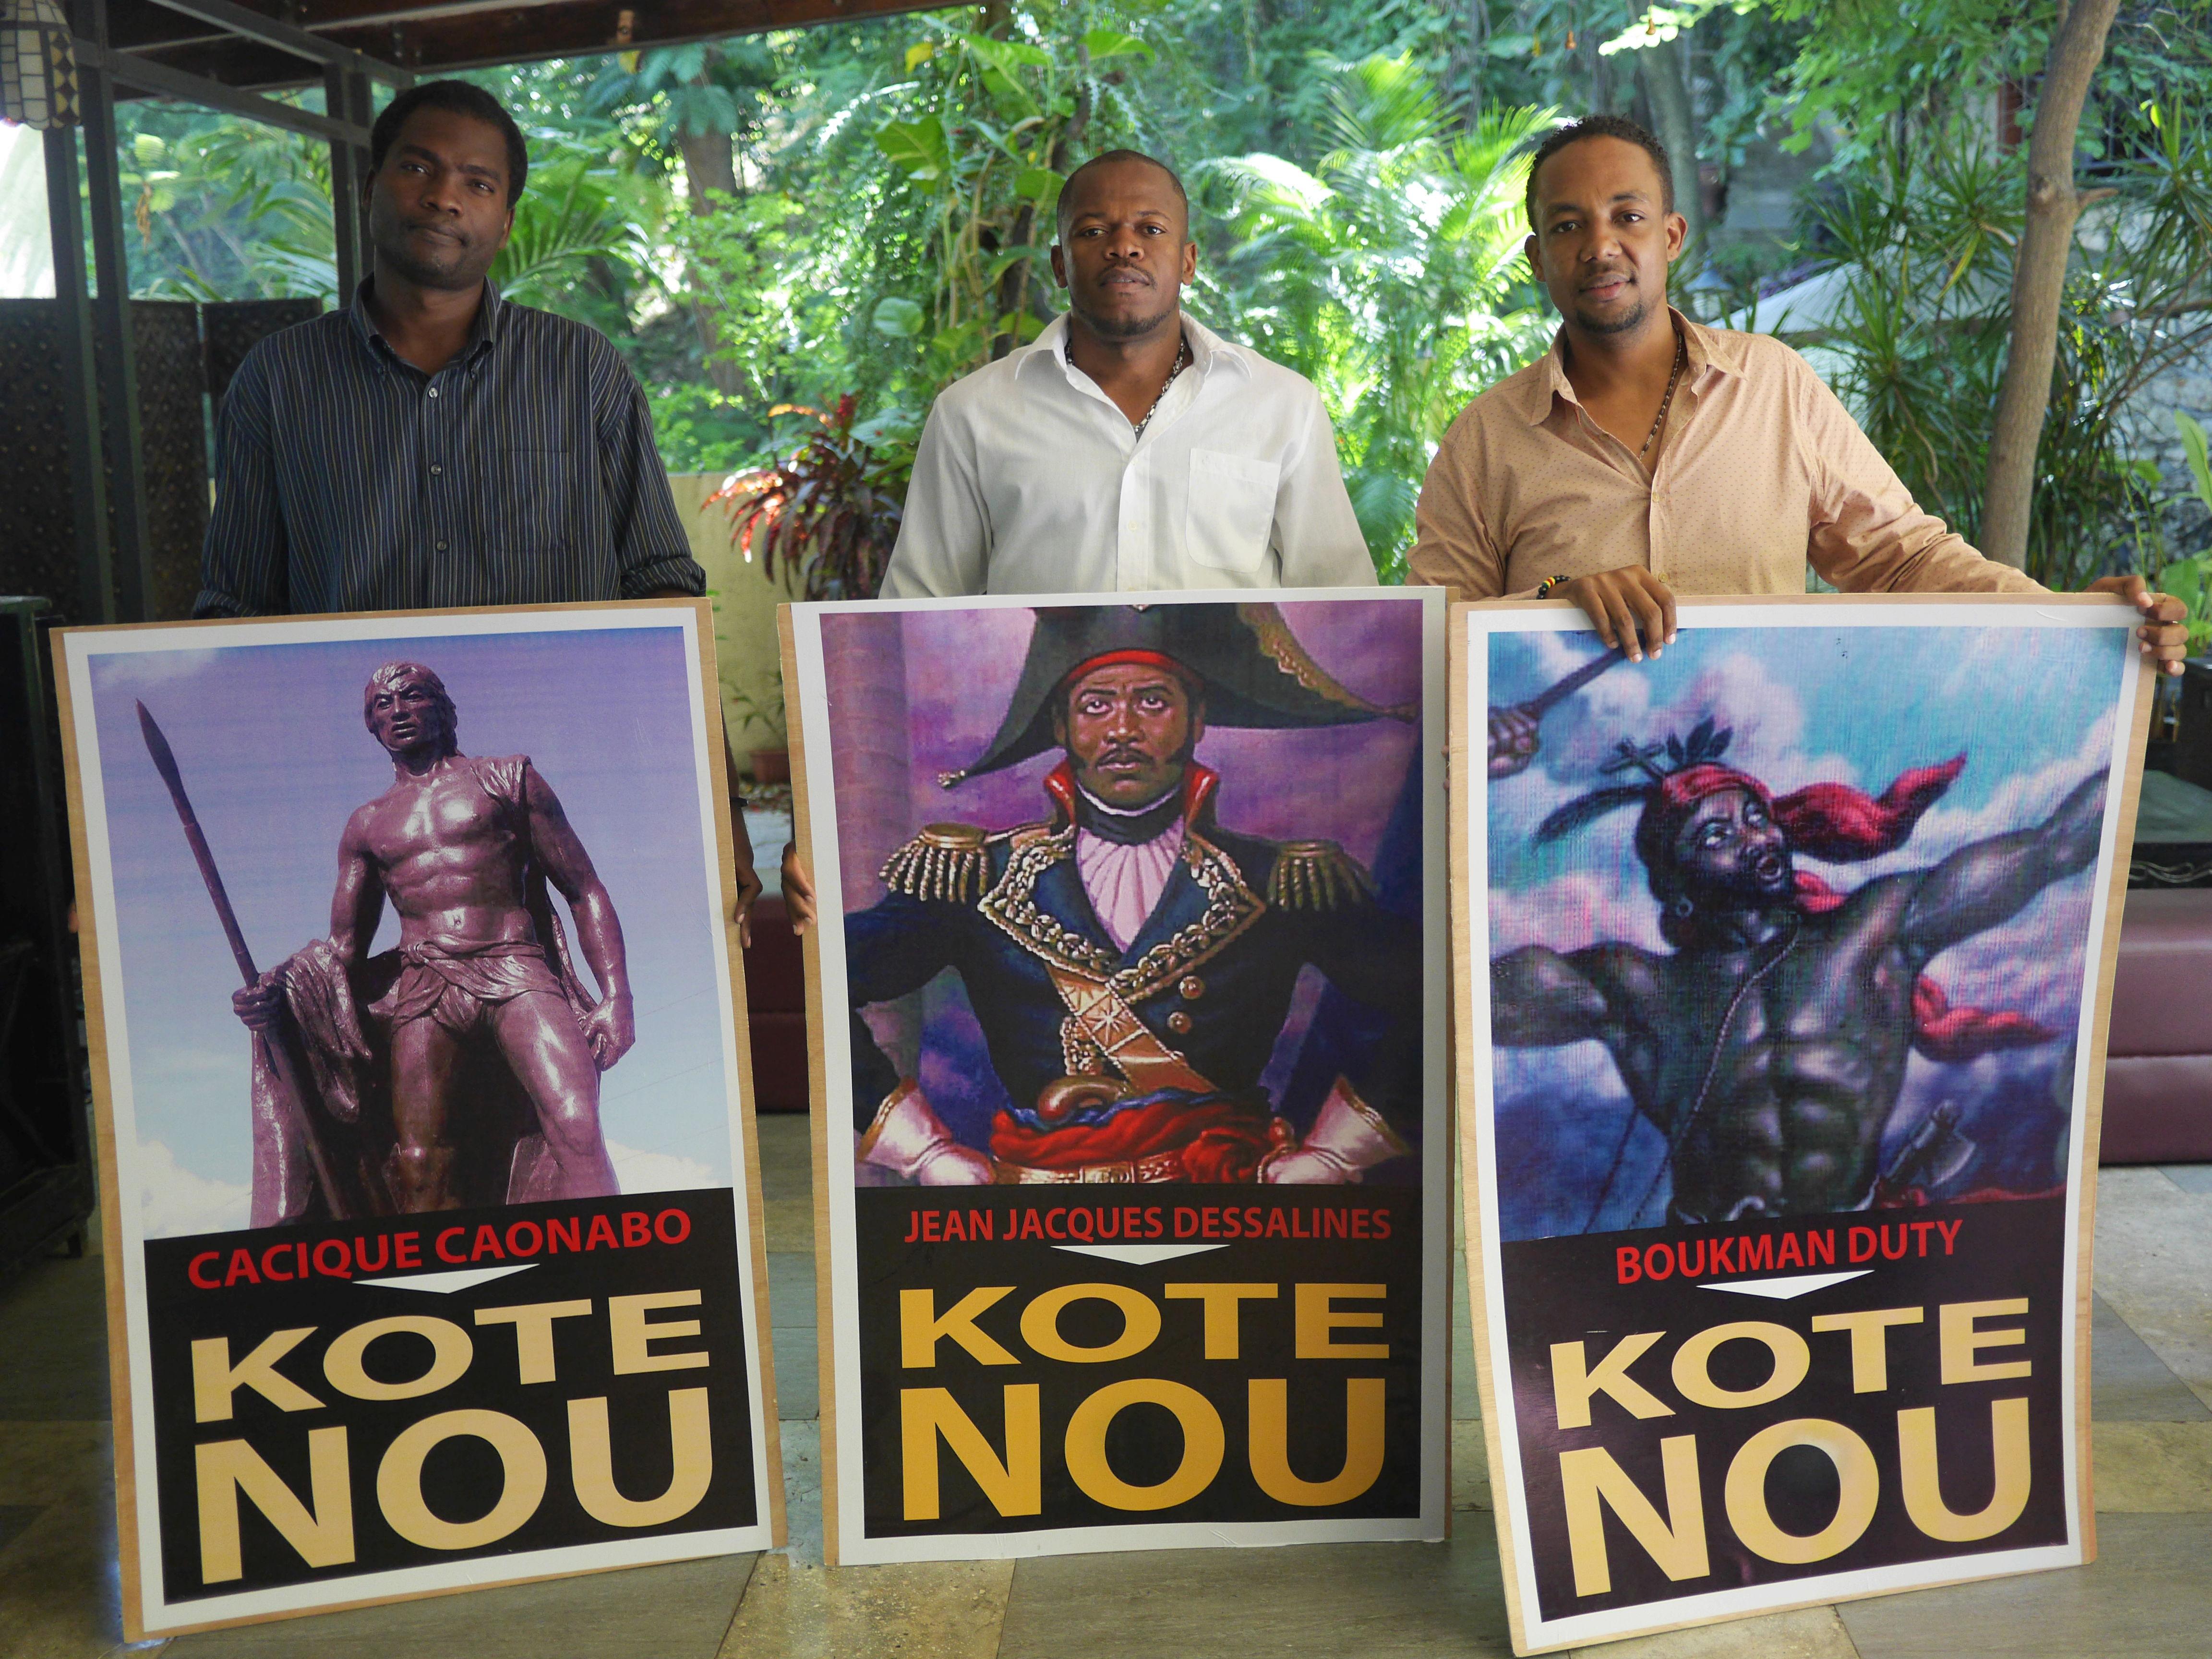 Junto con otros jóvenes profesionales, Moïse fundó el grupo Nuevo Haití, un espacio que milita por un cambio político en Haití.